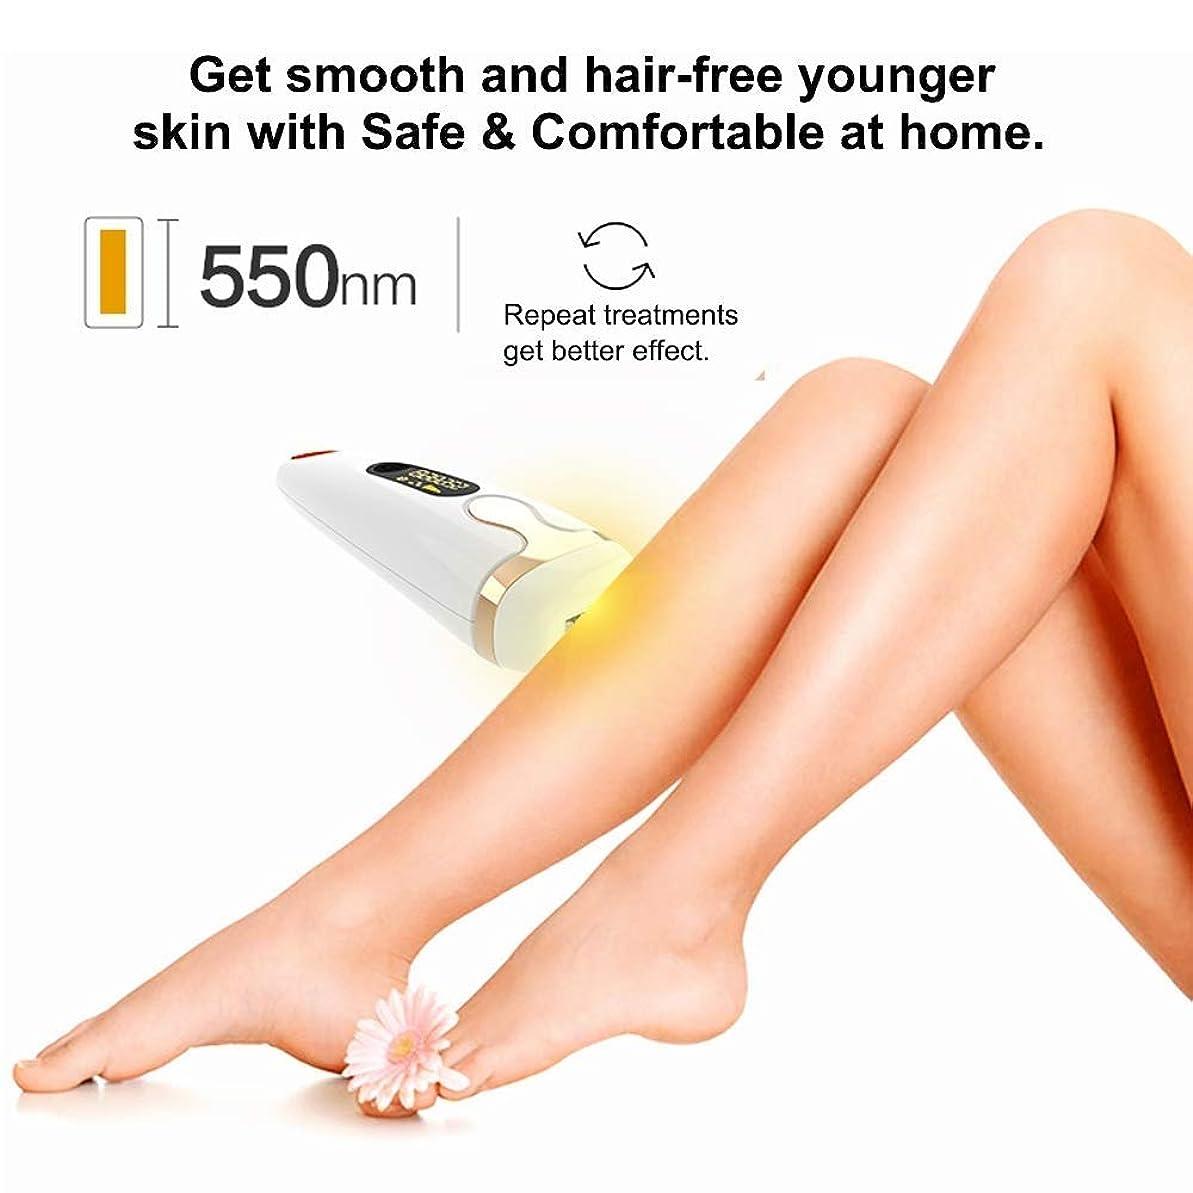 リアル販売員意味する女性用IPL脱毛装置システム、男性用、顔用永久脱毛機500,000回点滅痛みのない体